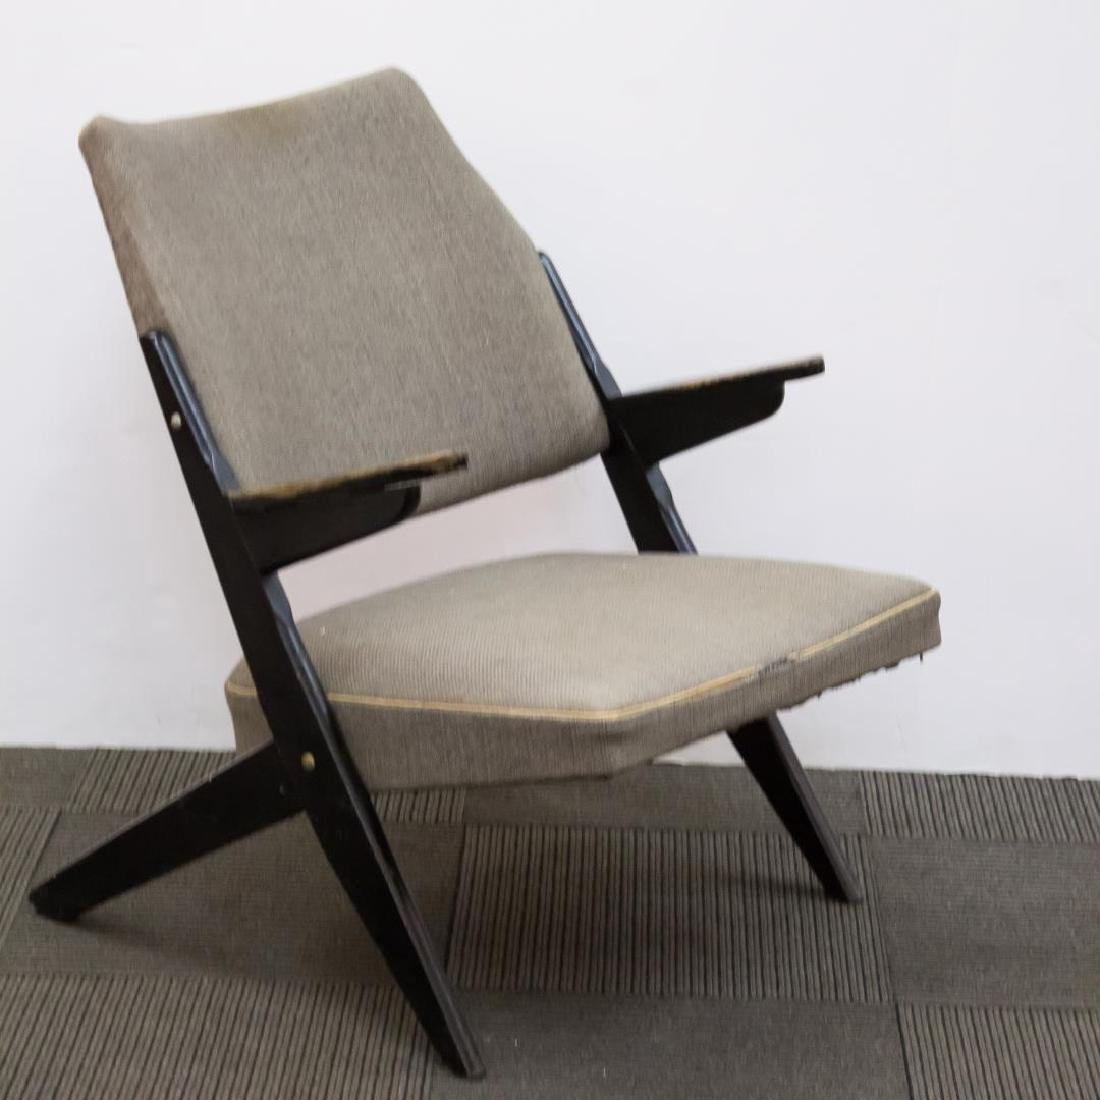 Mid-Century Modern Chair, Scandinavian or Dutch